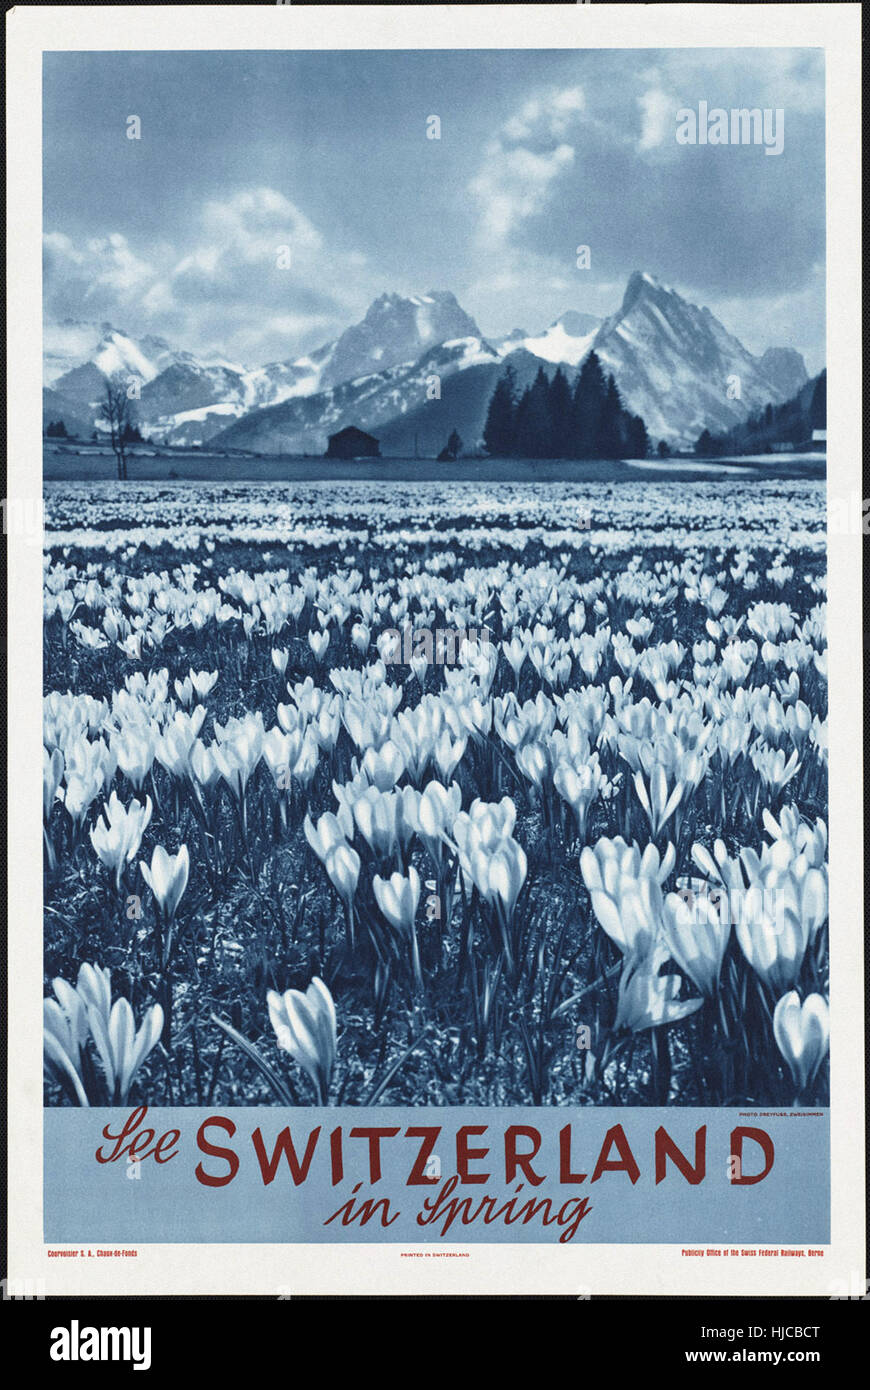 Der Schweiz im Frühjahr - Vintage Reise Poster der 1920er Jahre der 1940er Jahre zu sehen Stockfoto